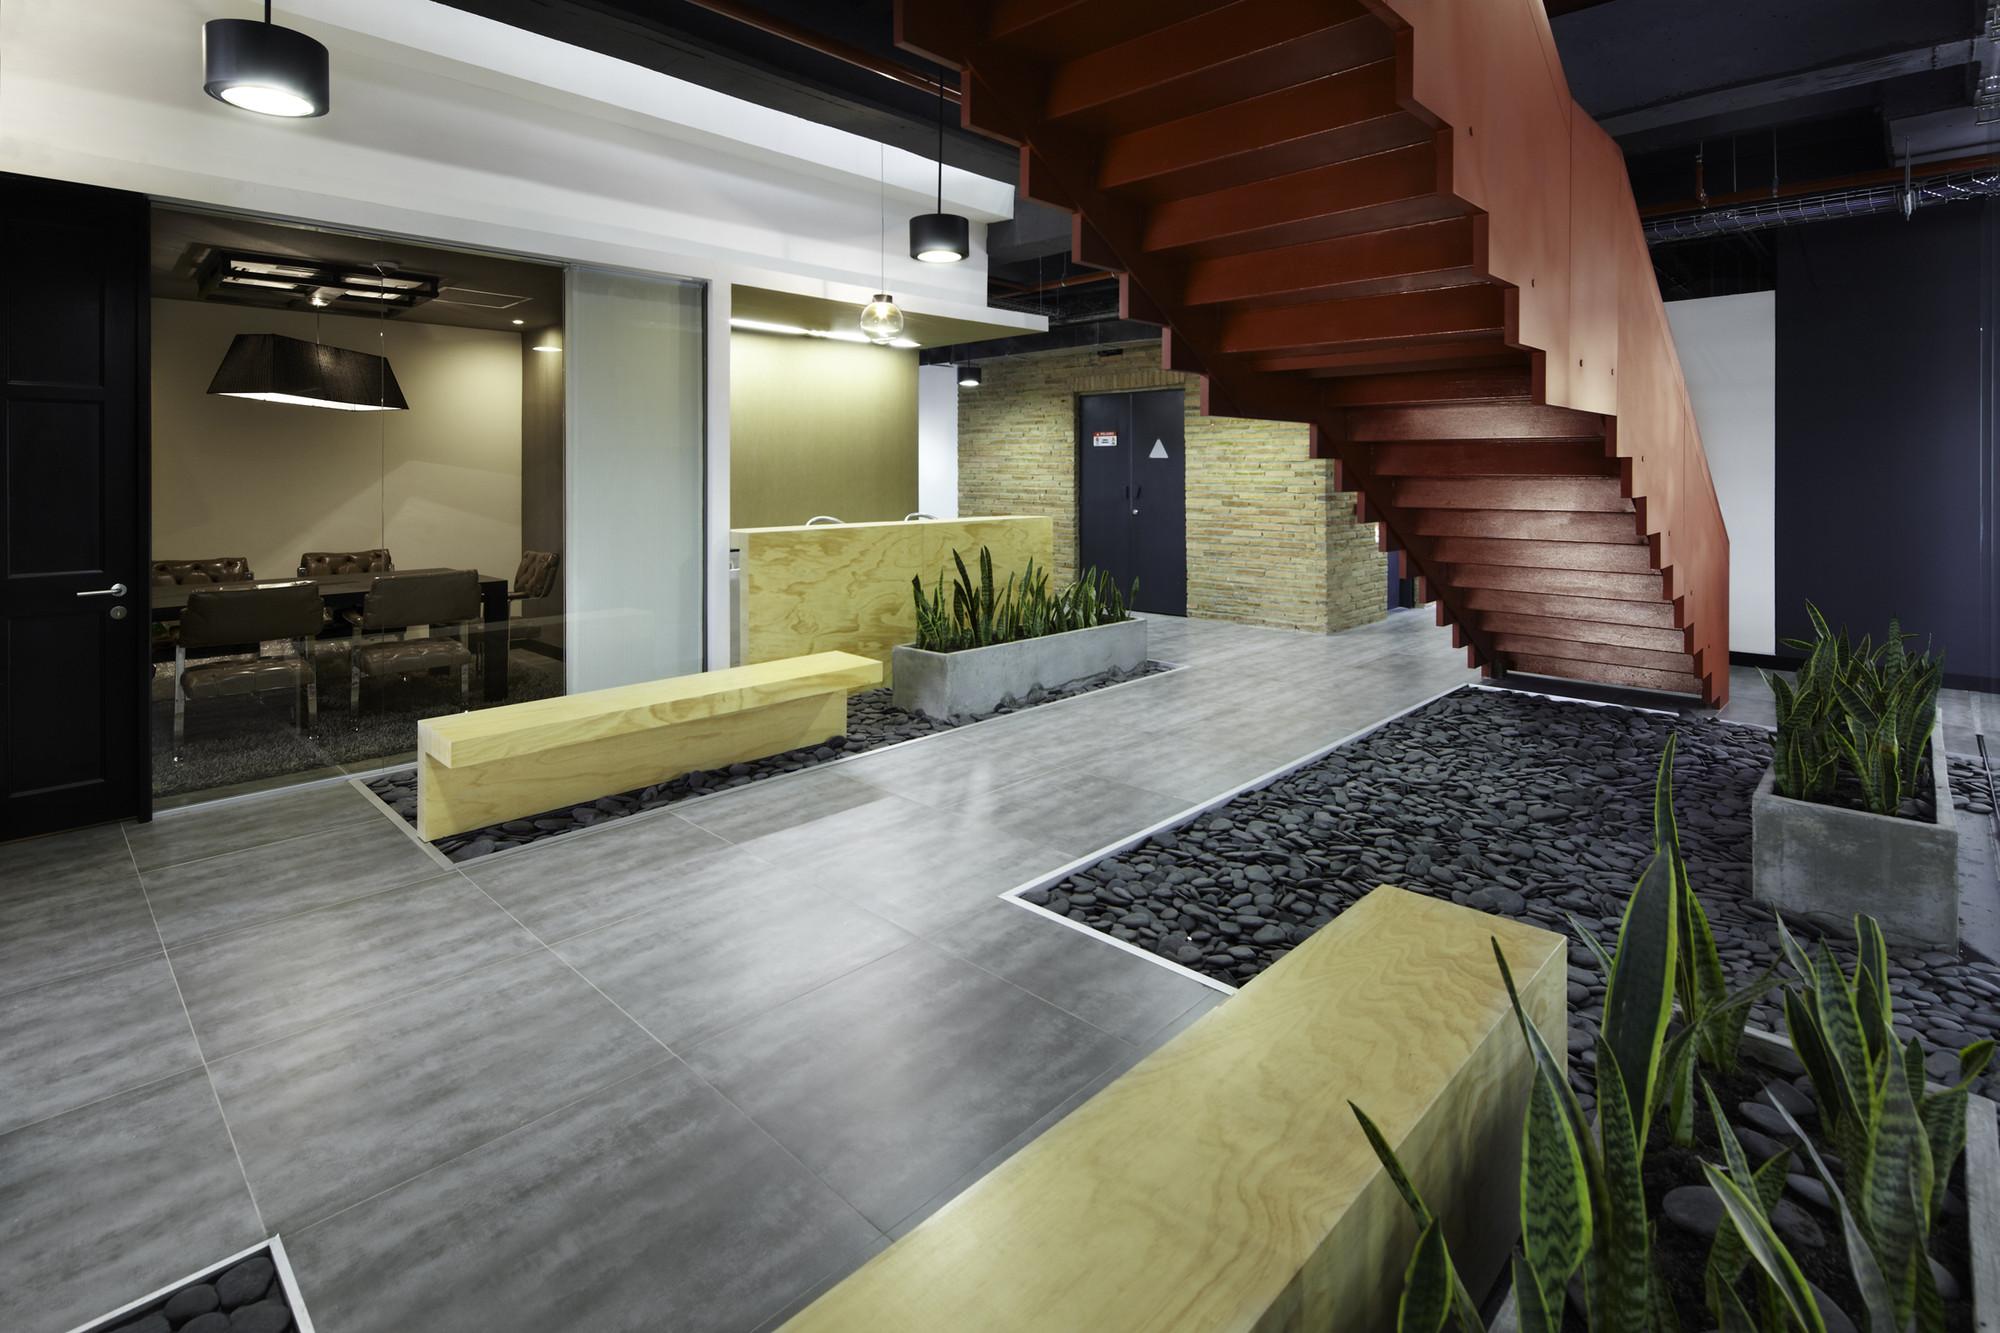 Galer a de oficinas jwt aei arquitectura e interiores 8 for Arquitectura de interiores